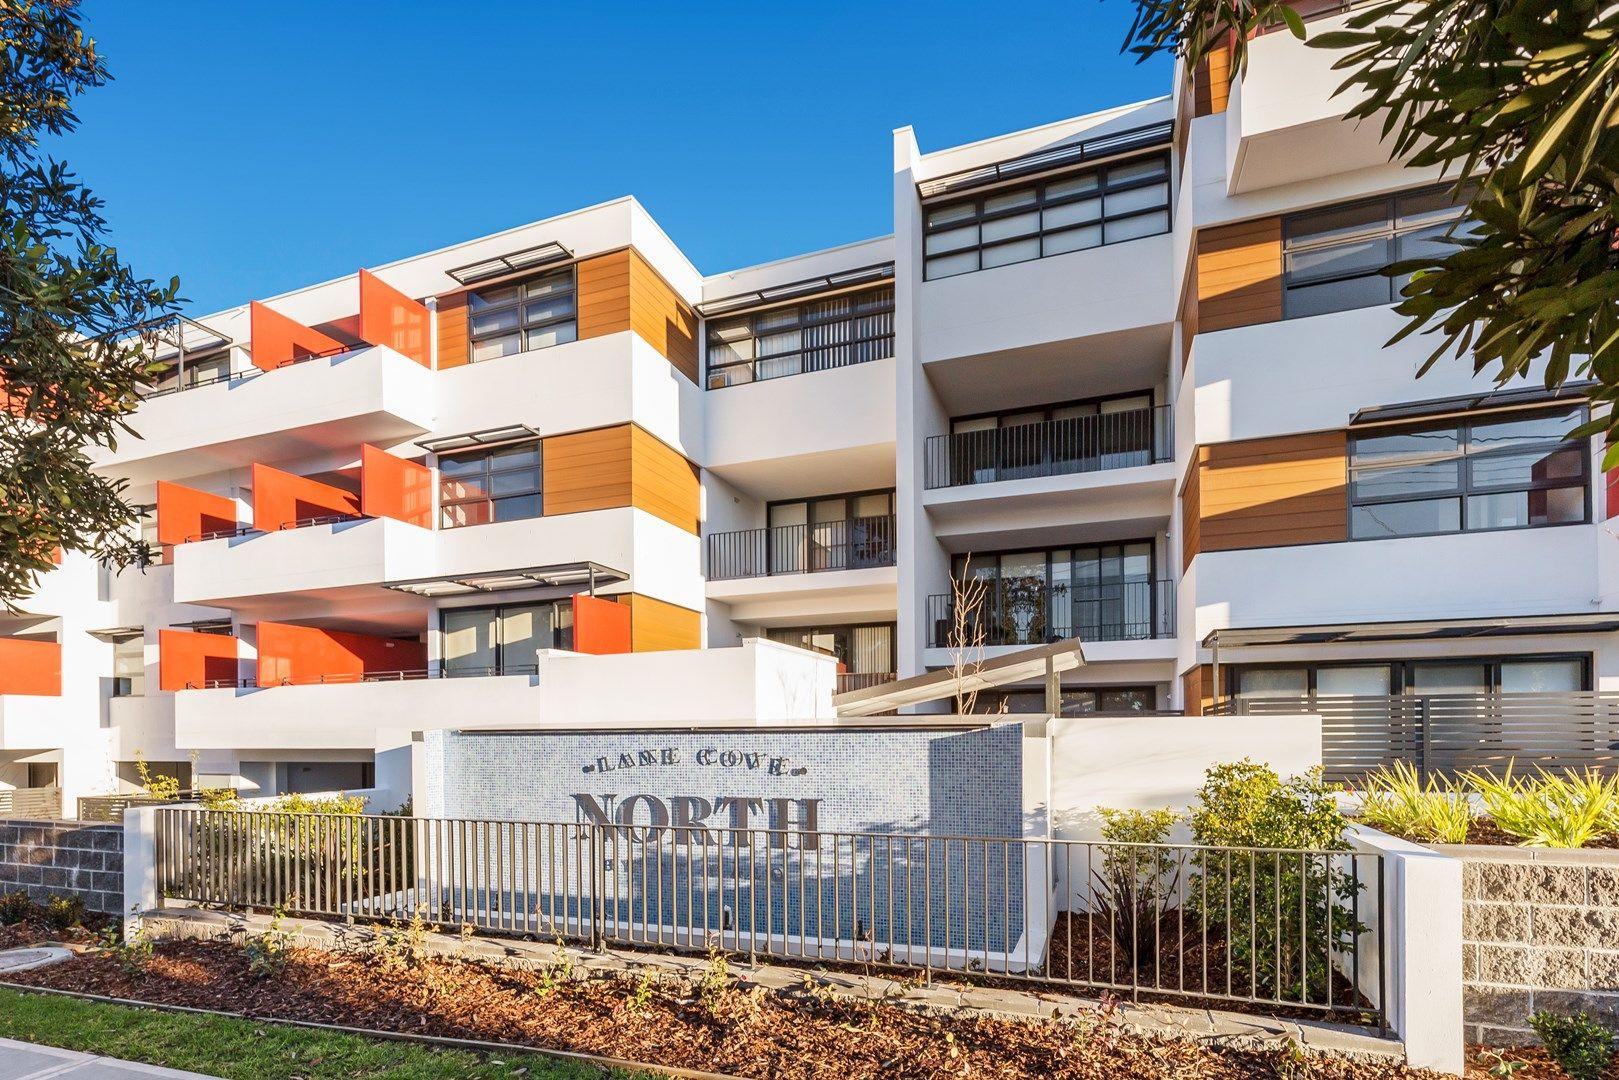 43/536 Mowbray Road, Lane Cove NSW 2066, Image 1